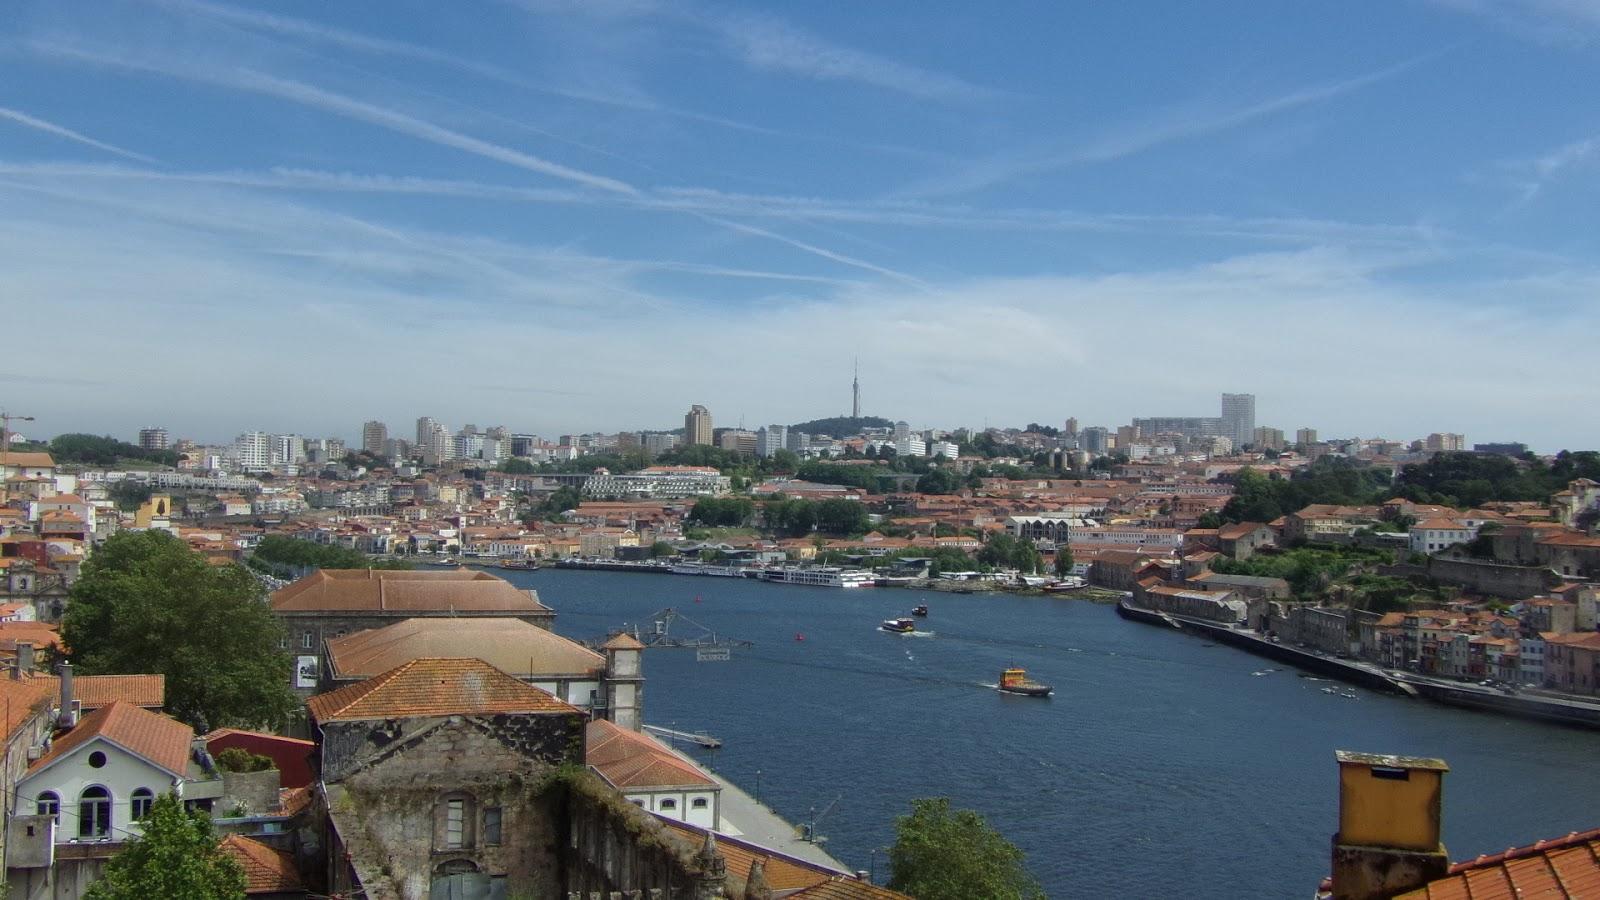 Dans Un Quartier Un Peu Plus Loin Que Le Centre Ville, On Peut Visiter La  Casa Da Música (la Maison De La Musique), Un édifice Emblématique De Porto.